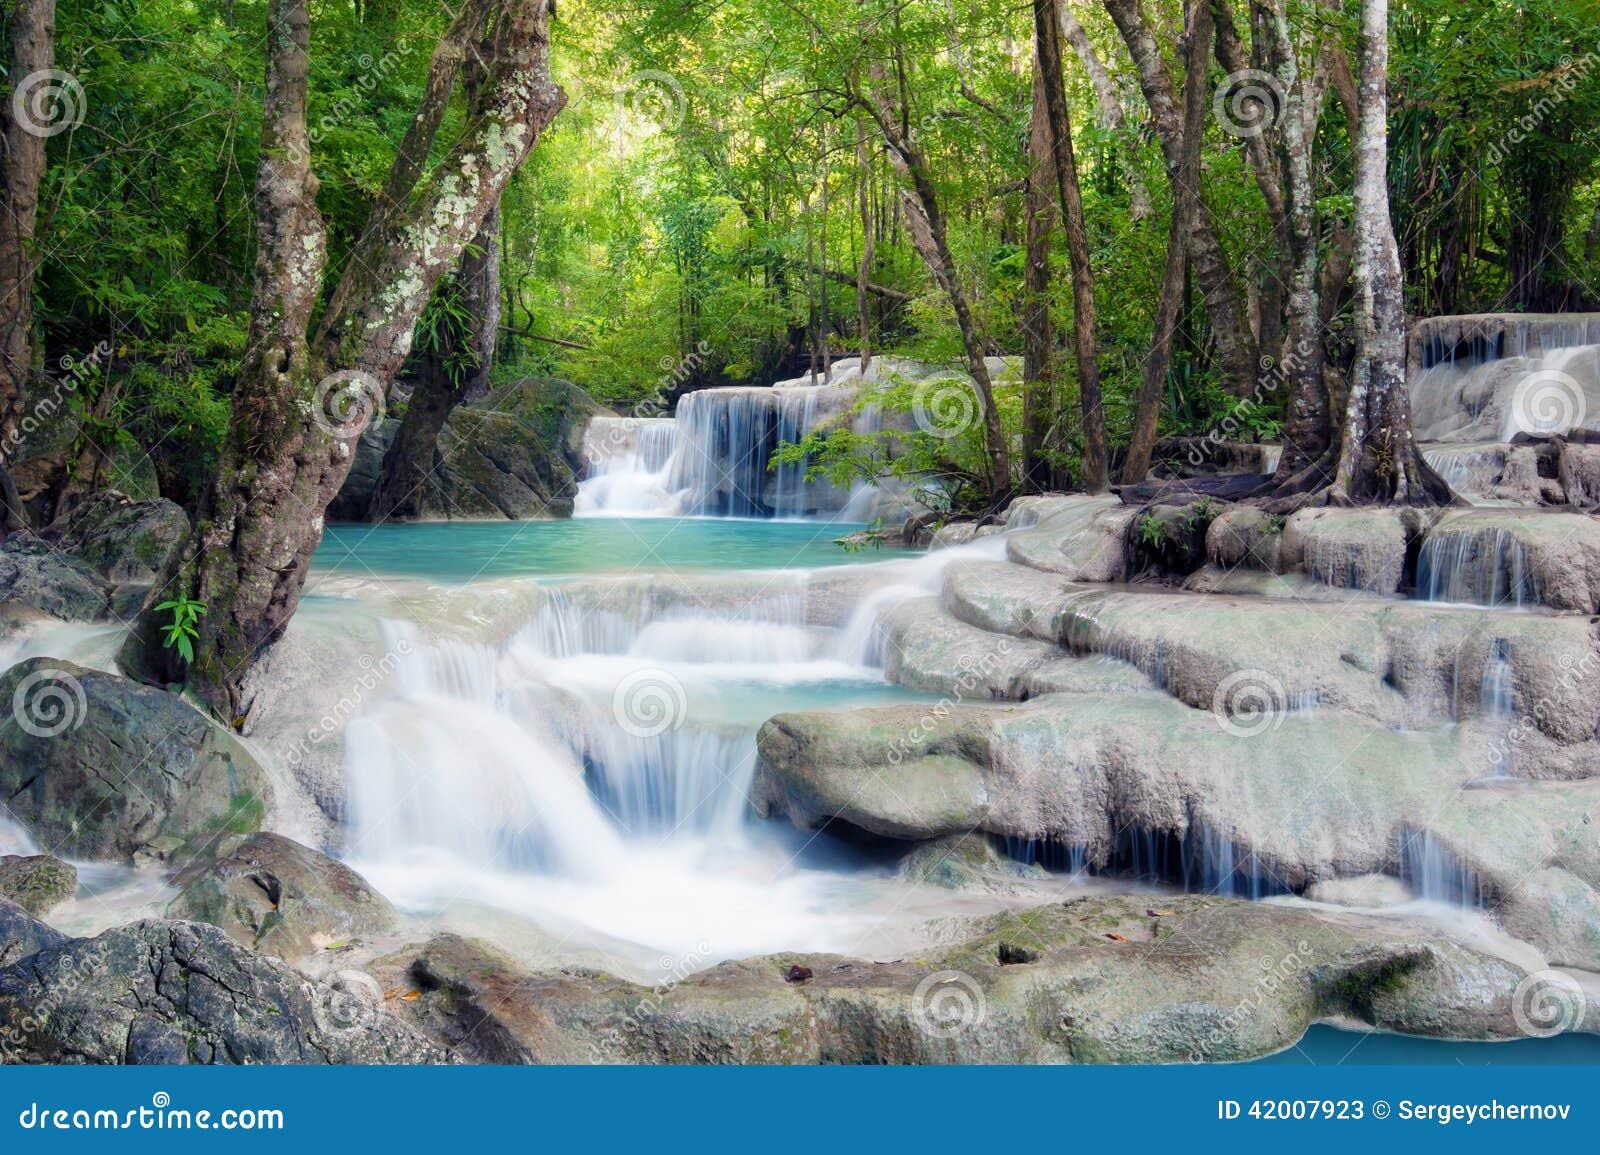 瀑布在泰国的热带森林里.图片